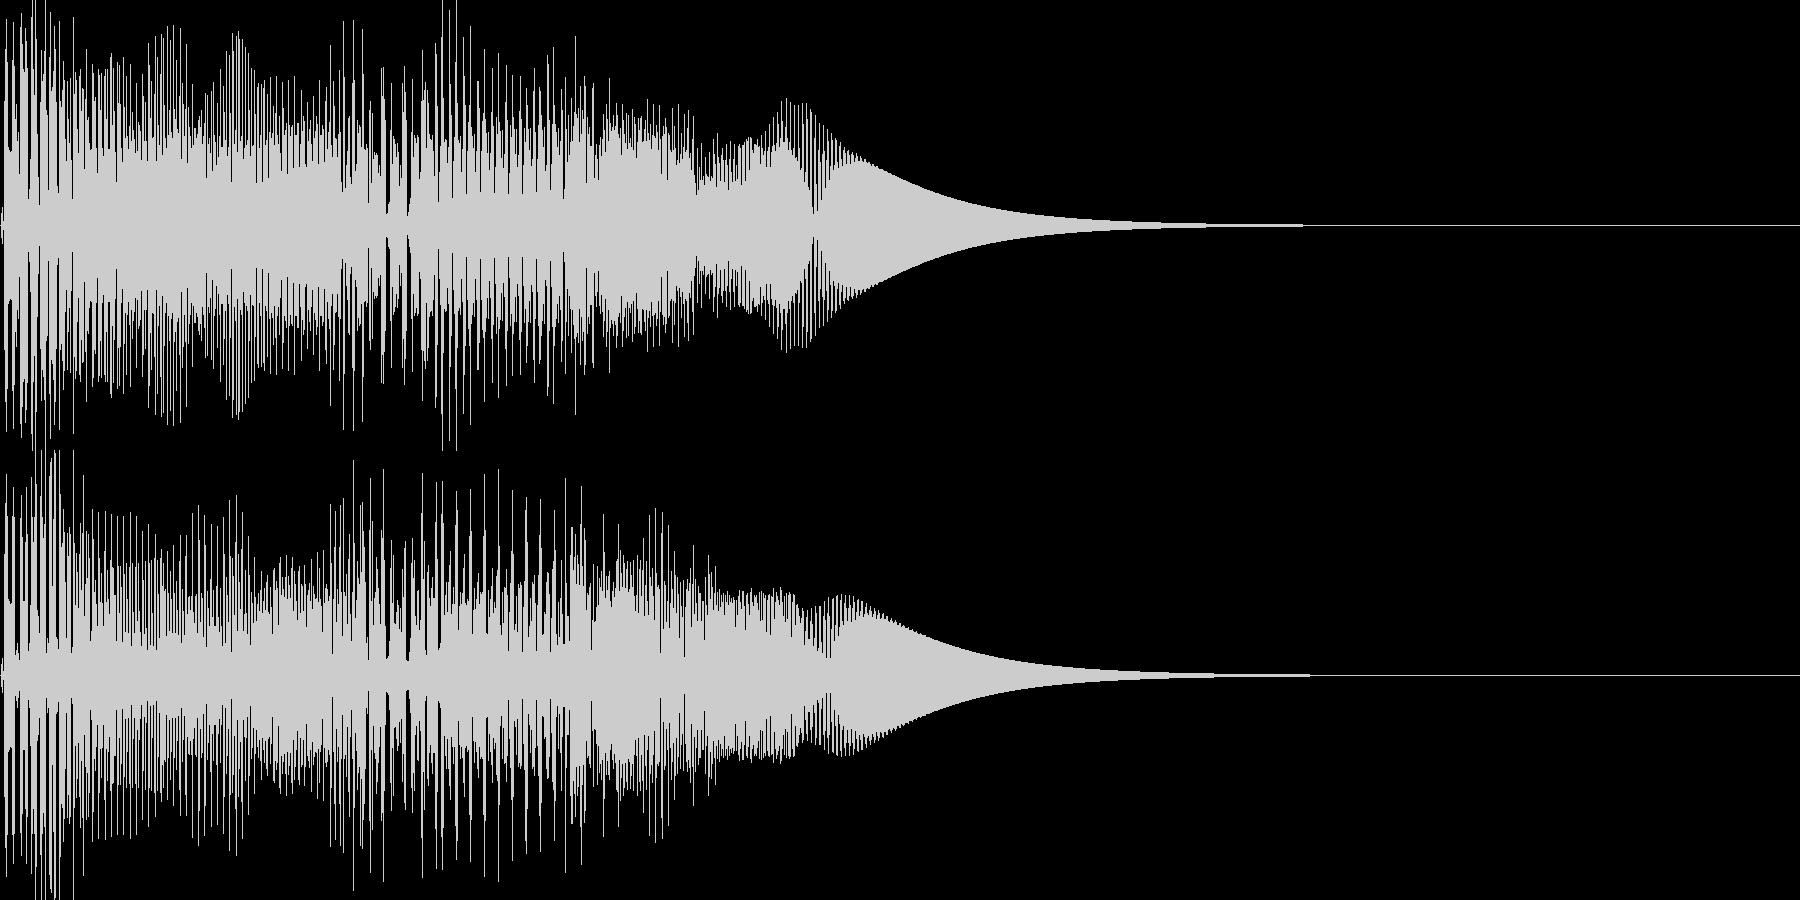 ゲーム系カーソル選択音02 (戻る)の未再生の波形